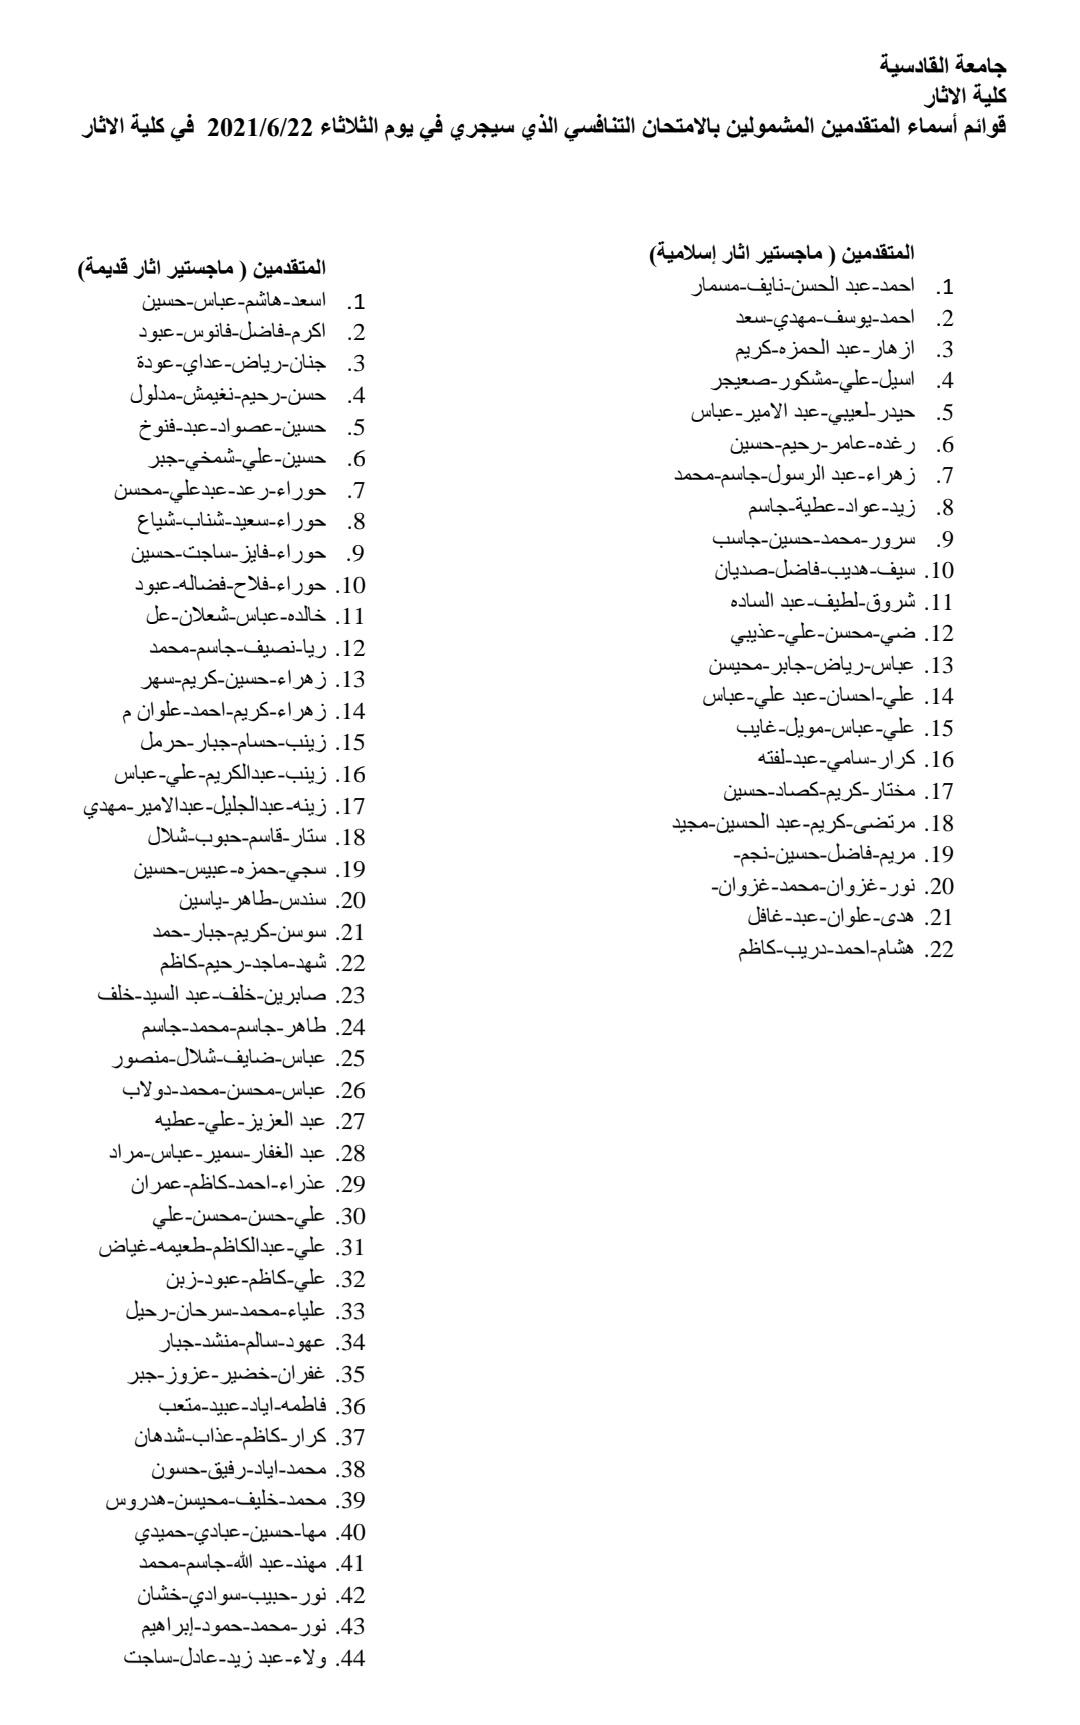 اسماء المتقدمين للامتحان التنافسي للماجستير الاثار الاسلامية والاثار القديمة